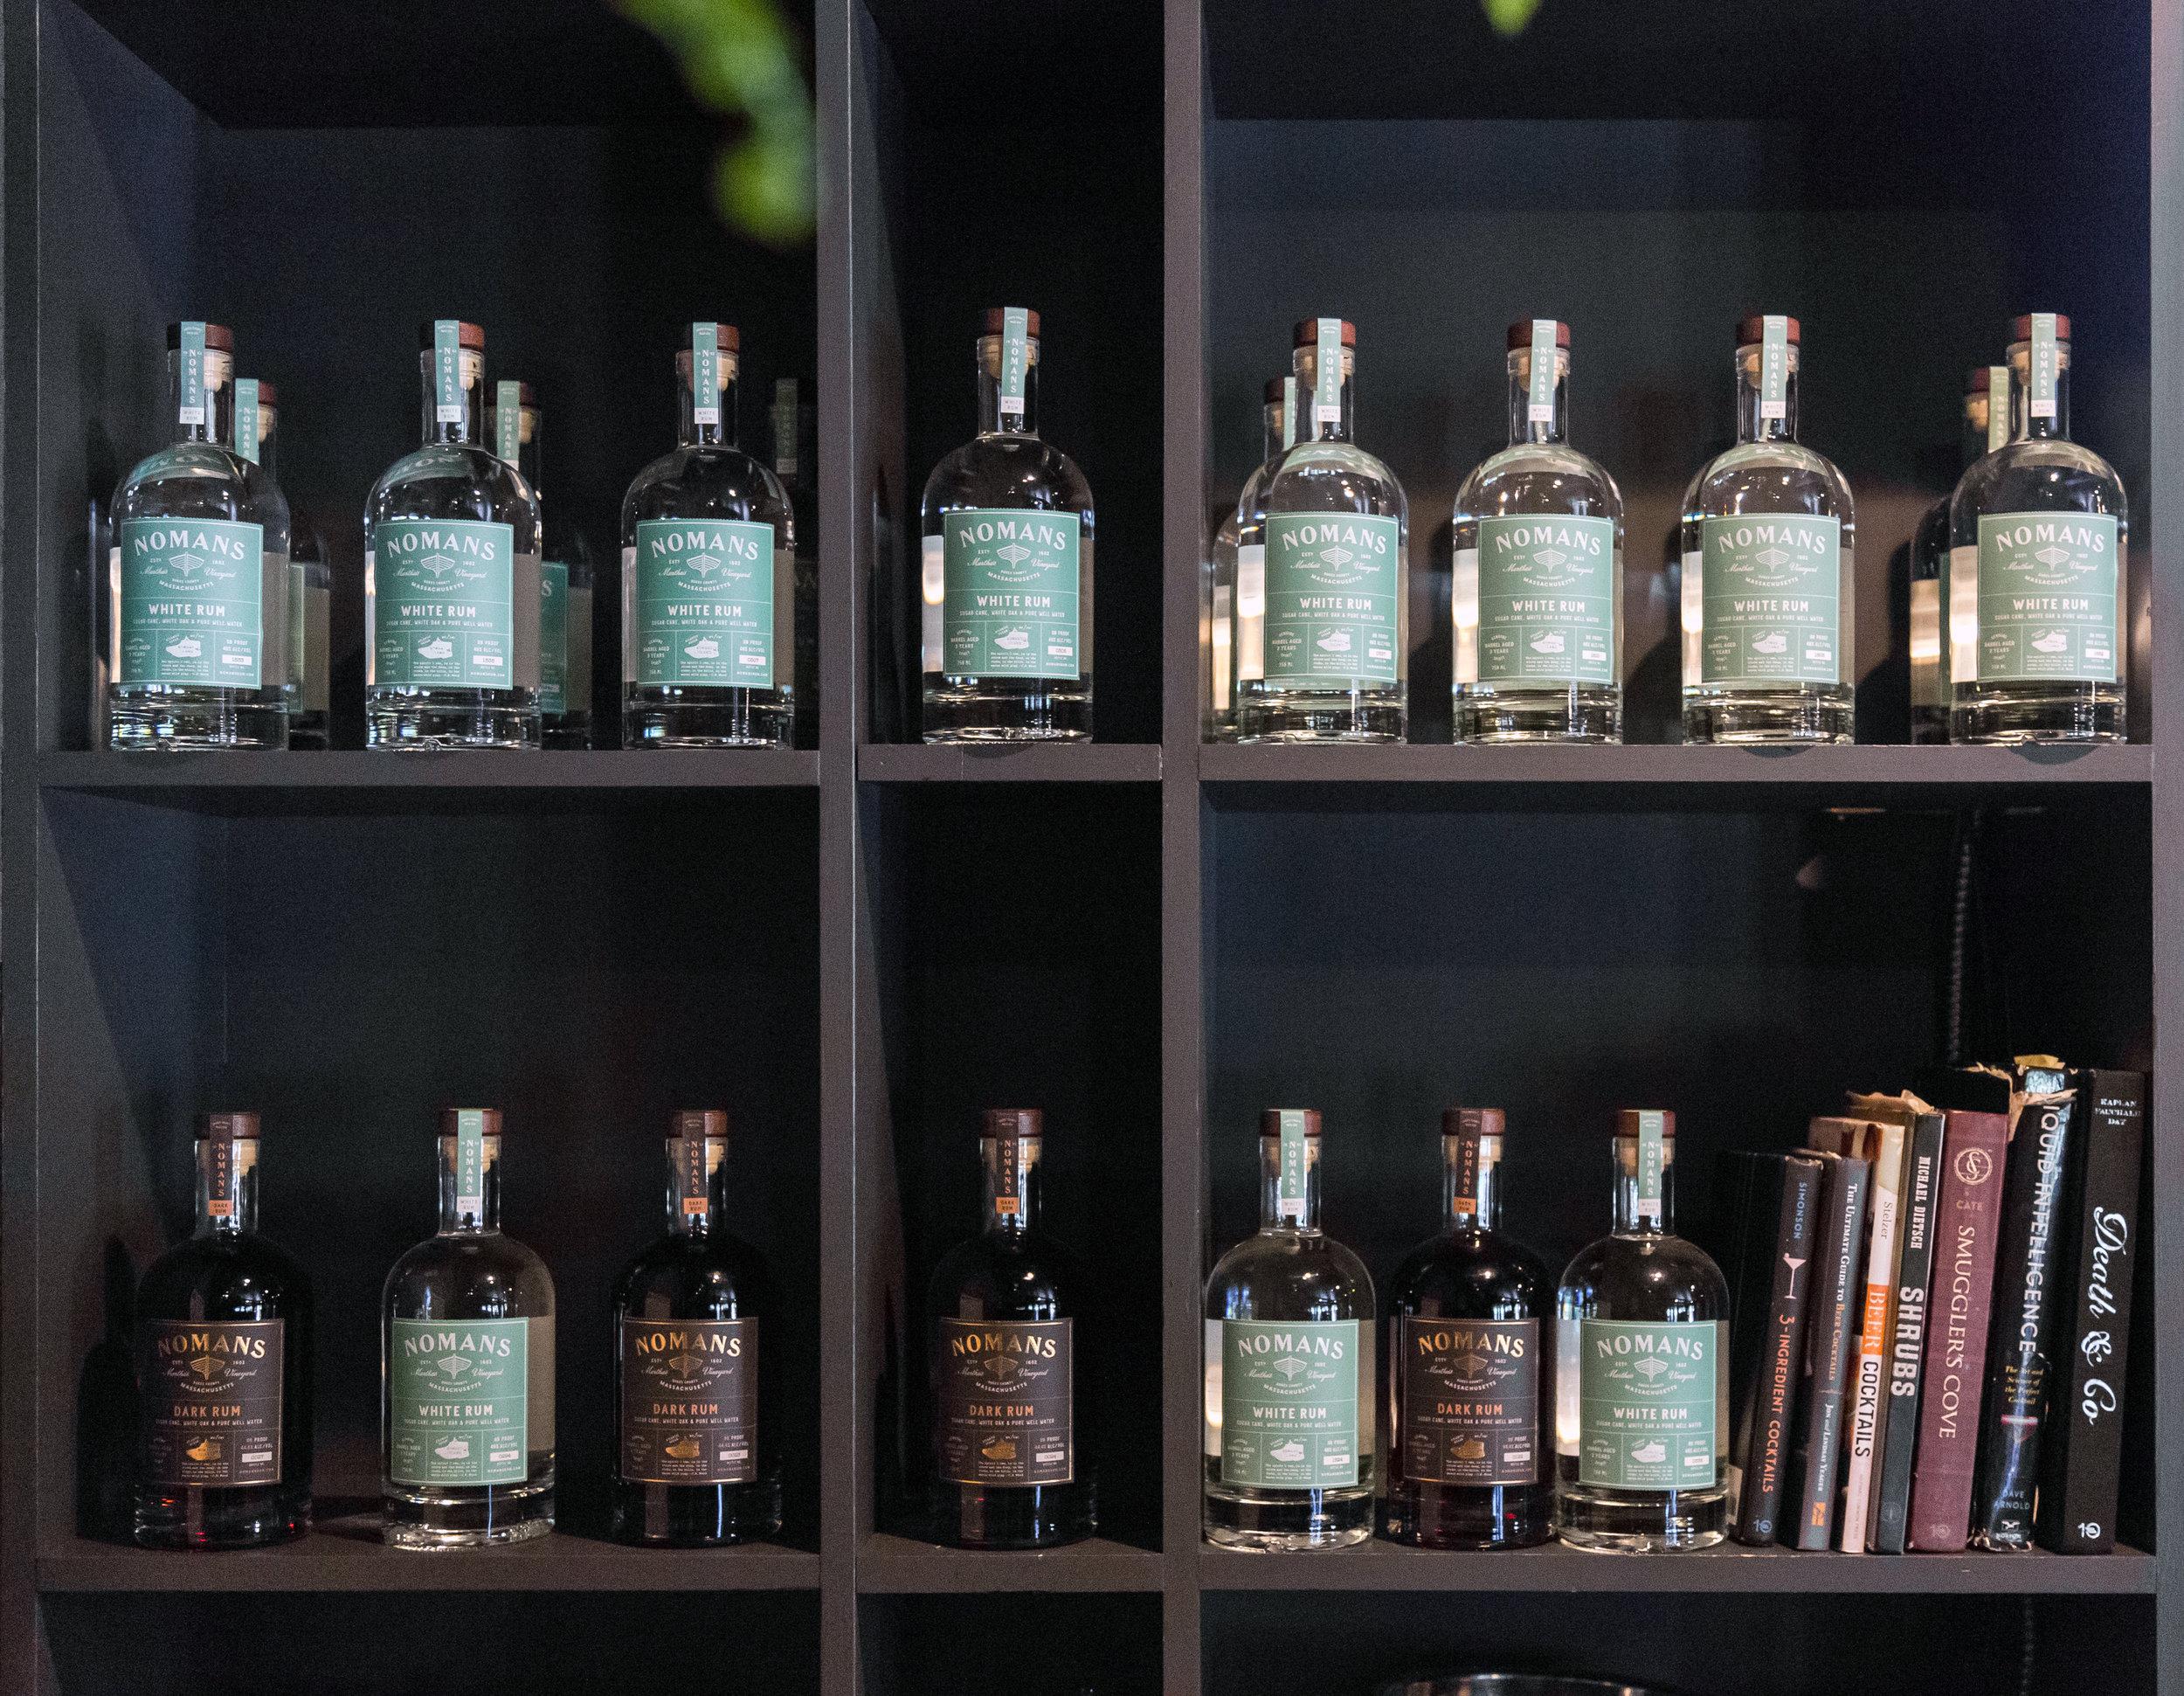 Bootlegging Island & - Nomans Rum